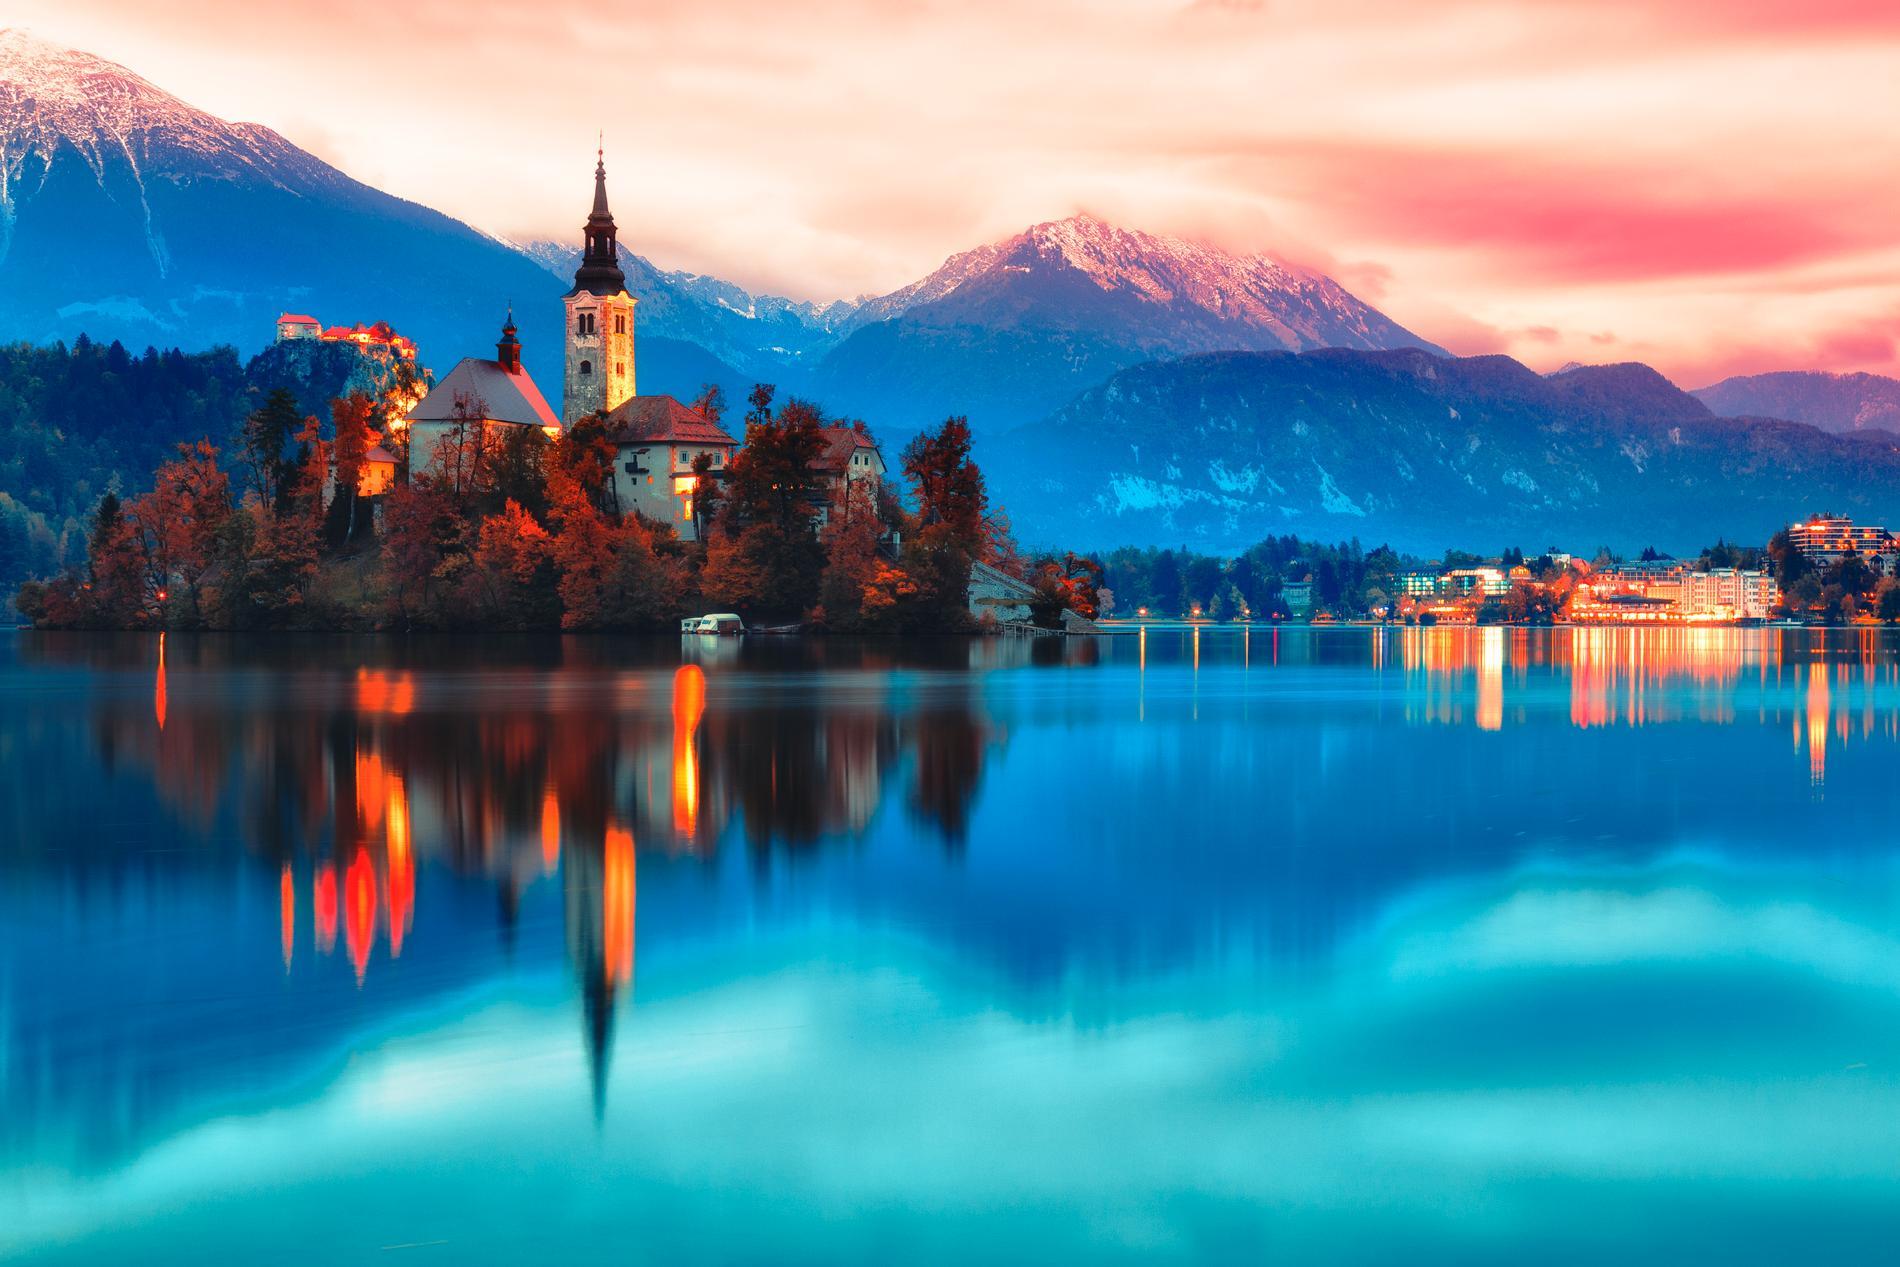 Issjön Bled är ett populärt resemål för turister.